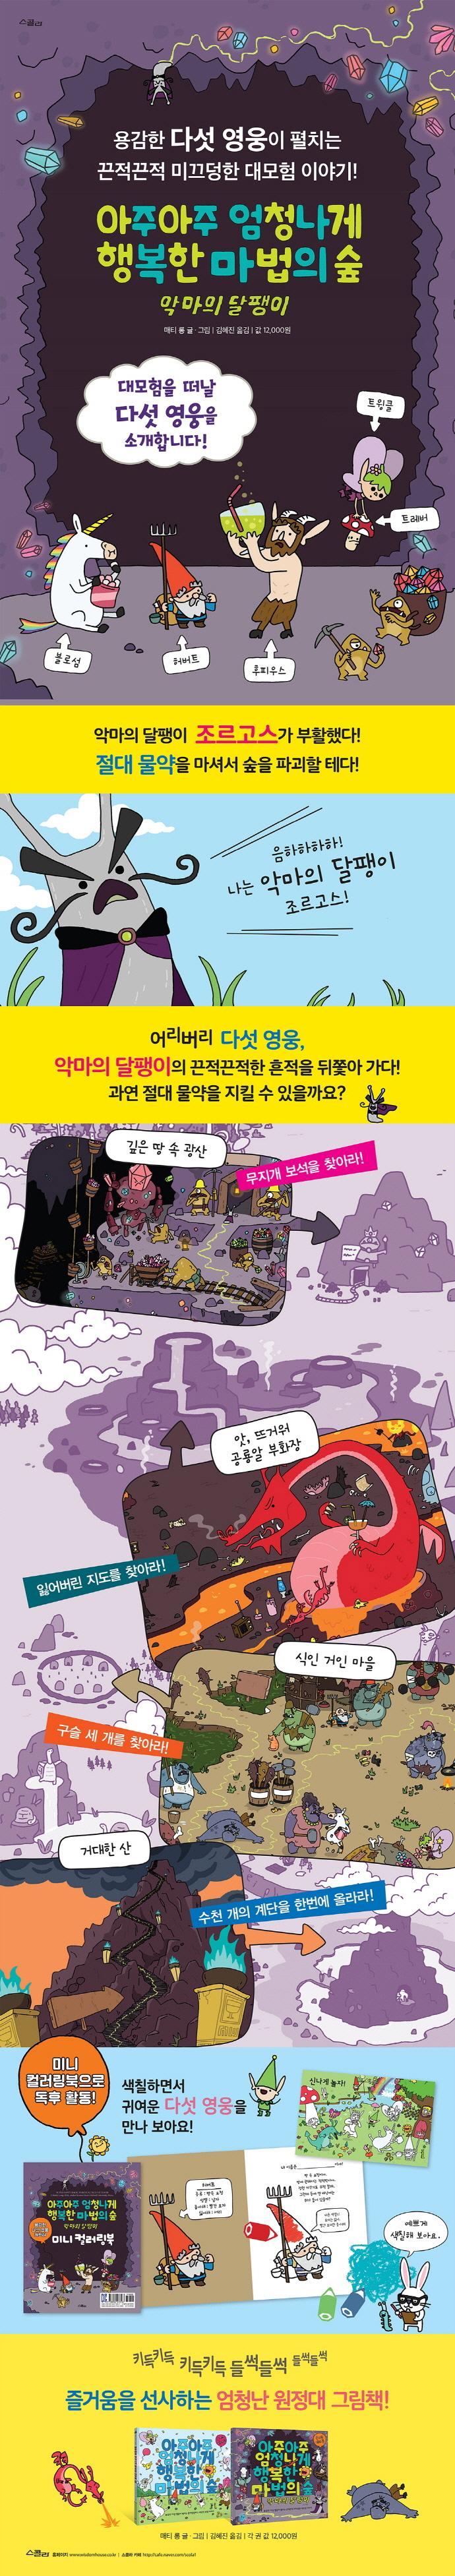 아주아주 엄청나게 행복한 마법의 숲: 악마의 달팽이(스콜라 창작 그림책 6)(양장본 HardCover) 도서 상세이미지